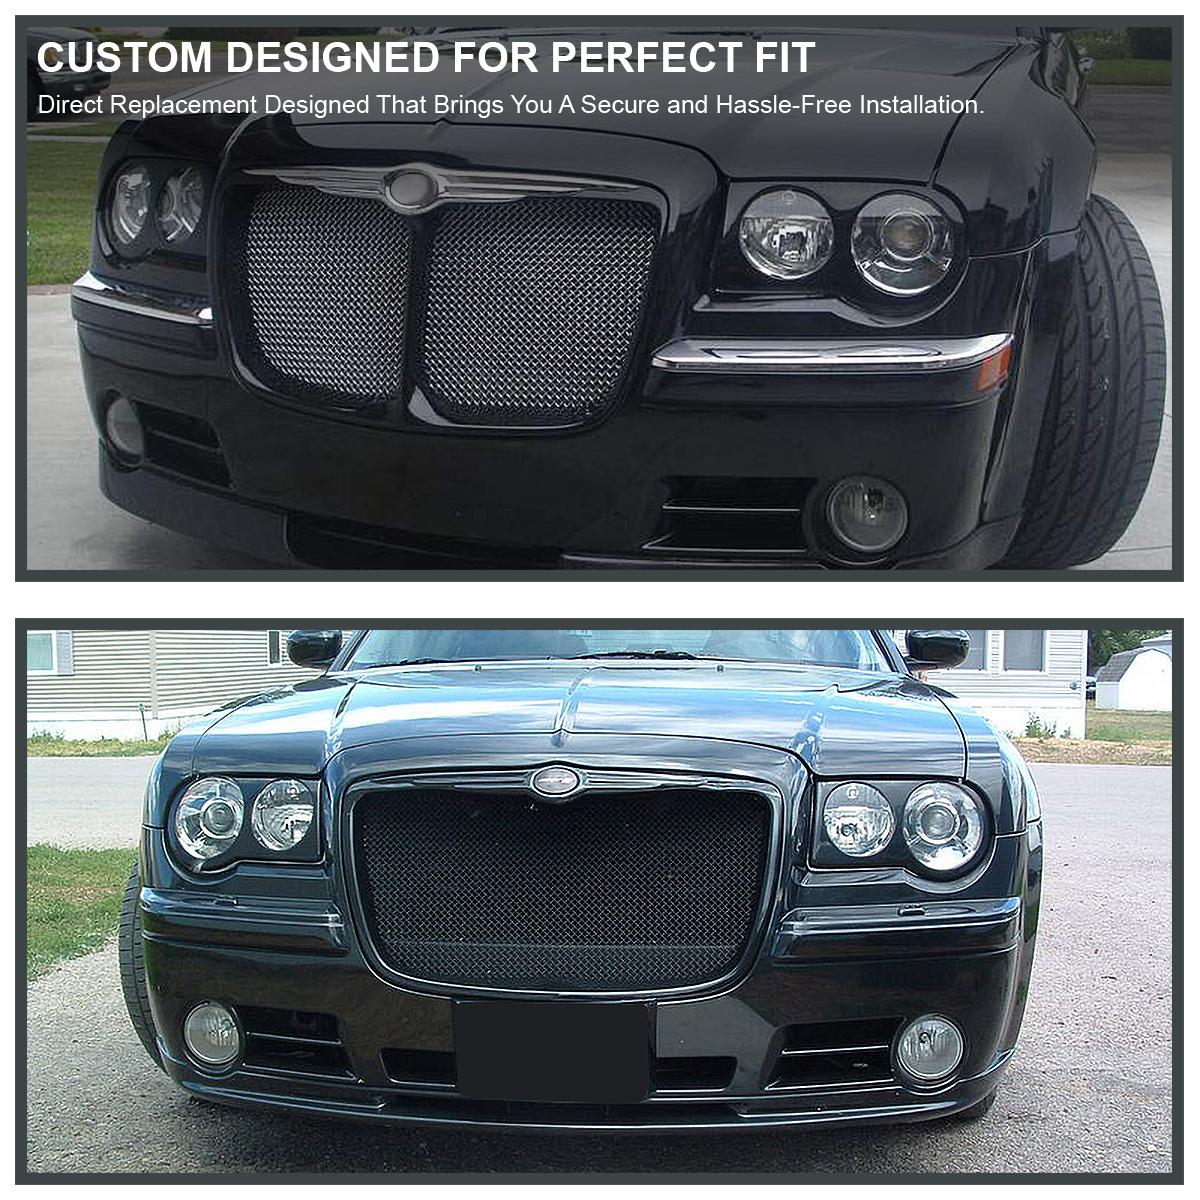 2005 2006 2007 2008 2009 2010 Chrysler 300 300c Black Mesh: 2005-2010 Chrysler 300C Headlight Covers Bezel Eyelids